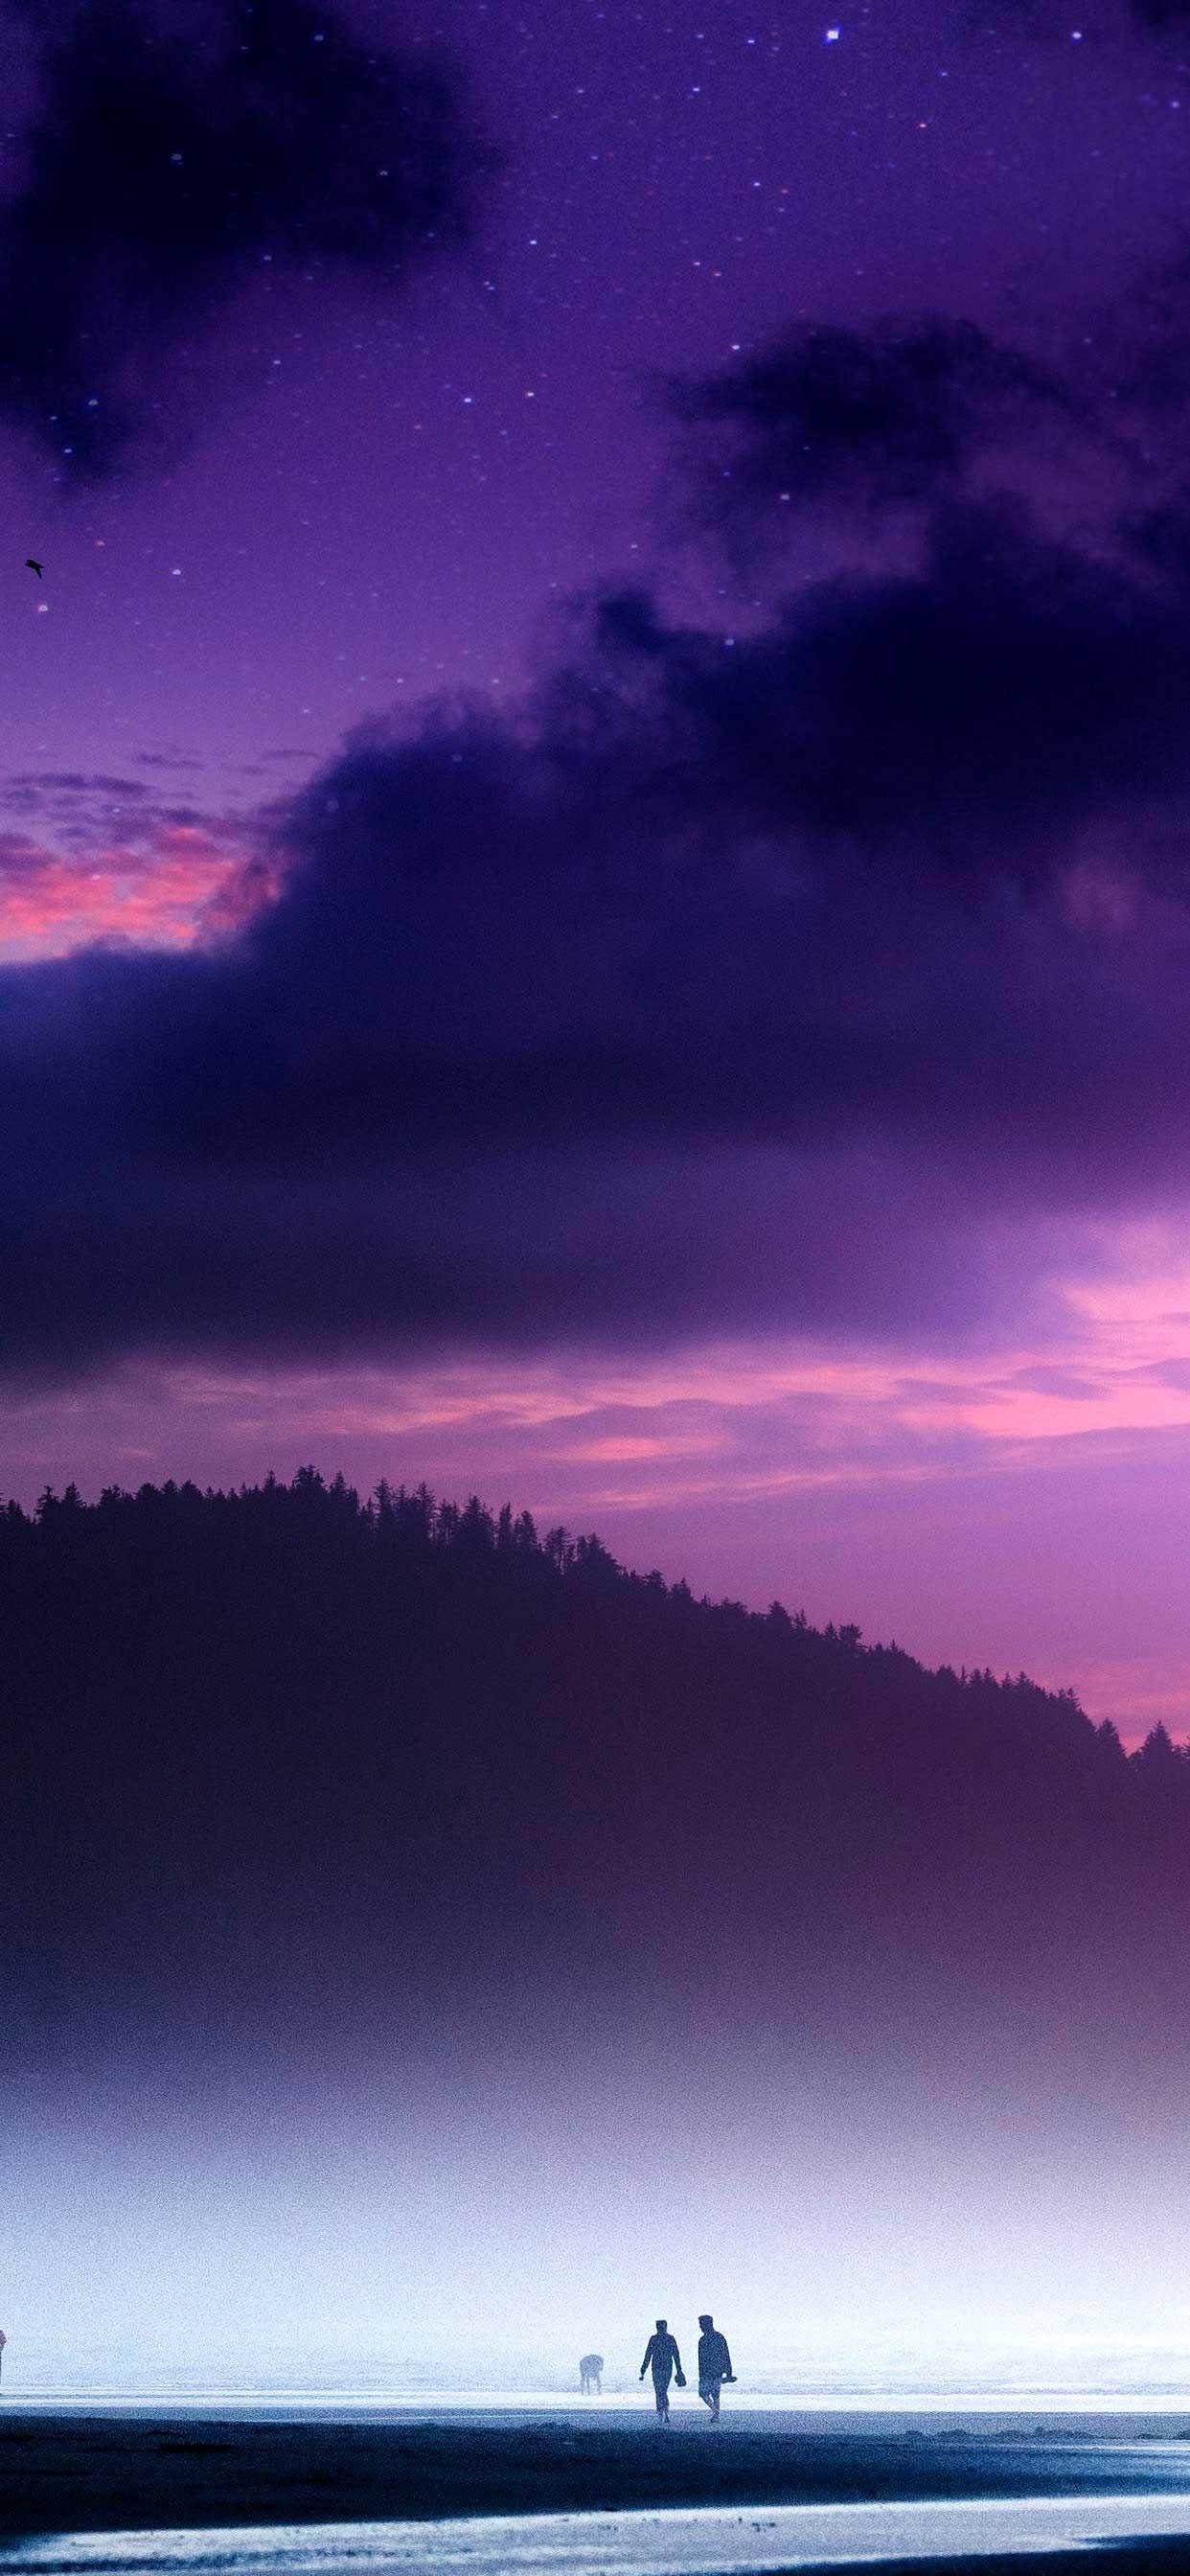 Iphone Wallpaper beach twilight purple sky k k Hd in 2020